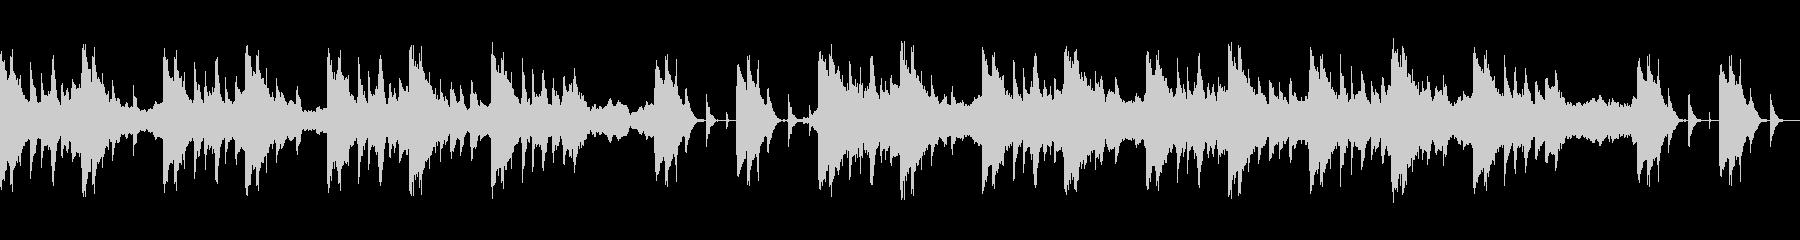 ストリングスと琴で奏でる和風BGMの未再生の波形